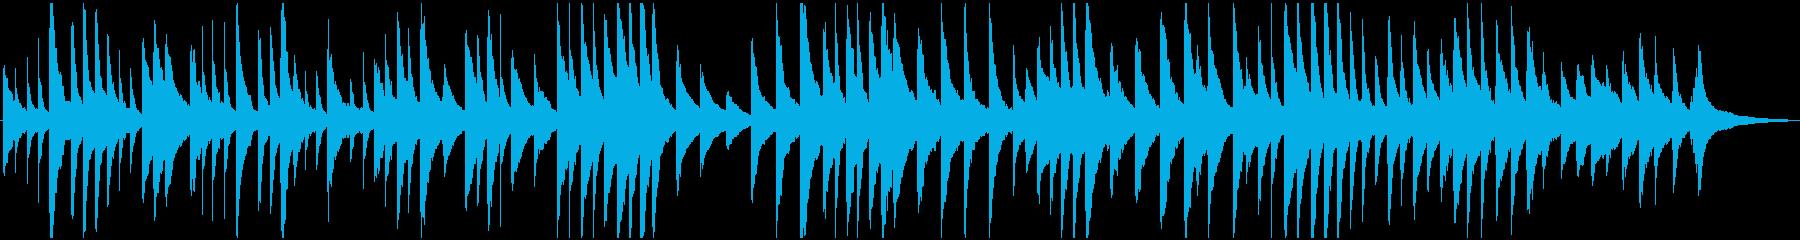 静かで落ち着いたリズムのピアノ曲の再生済みの波形